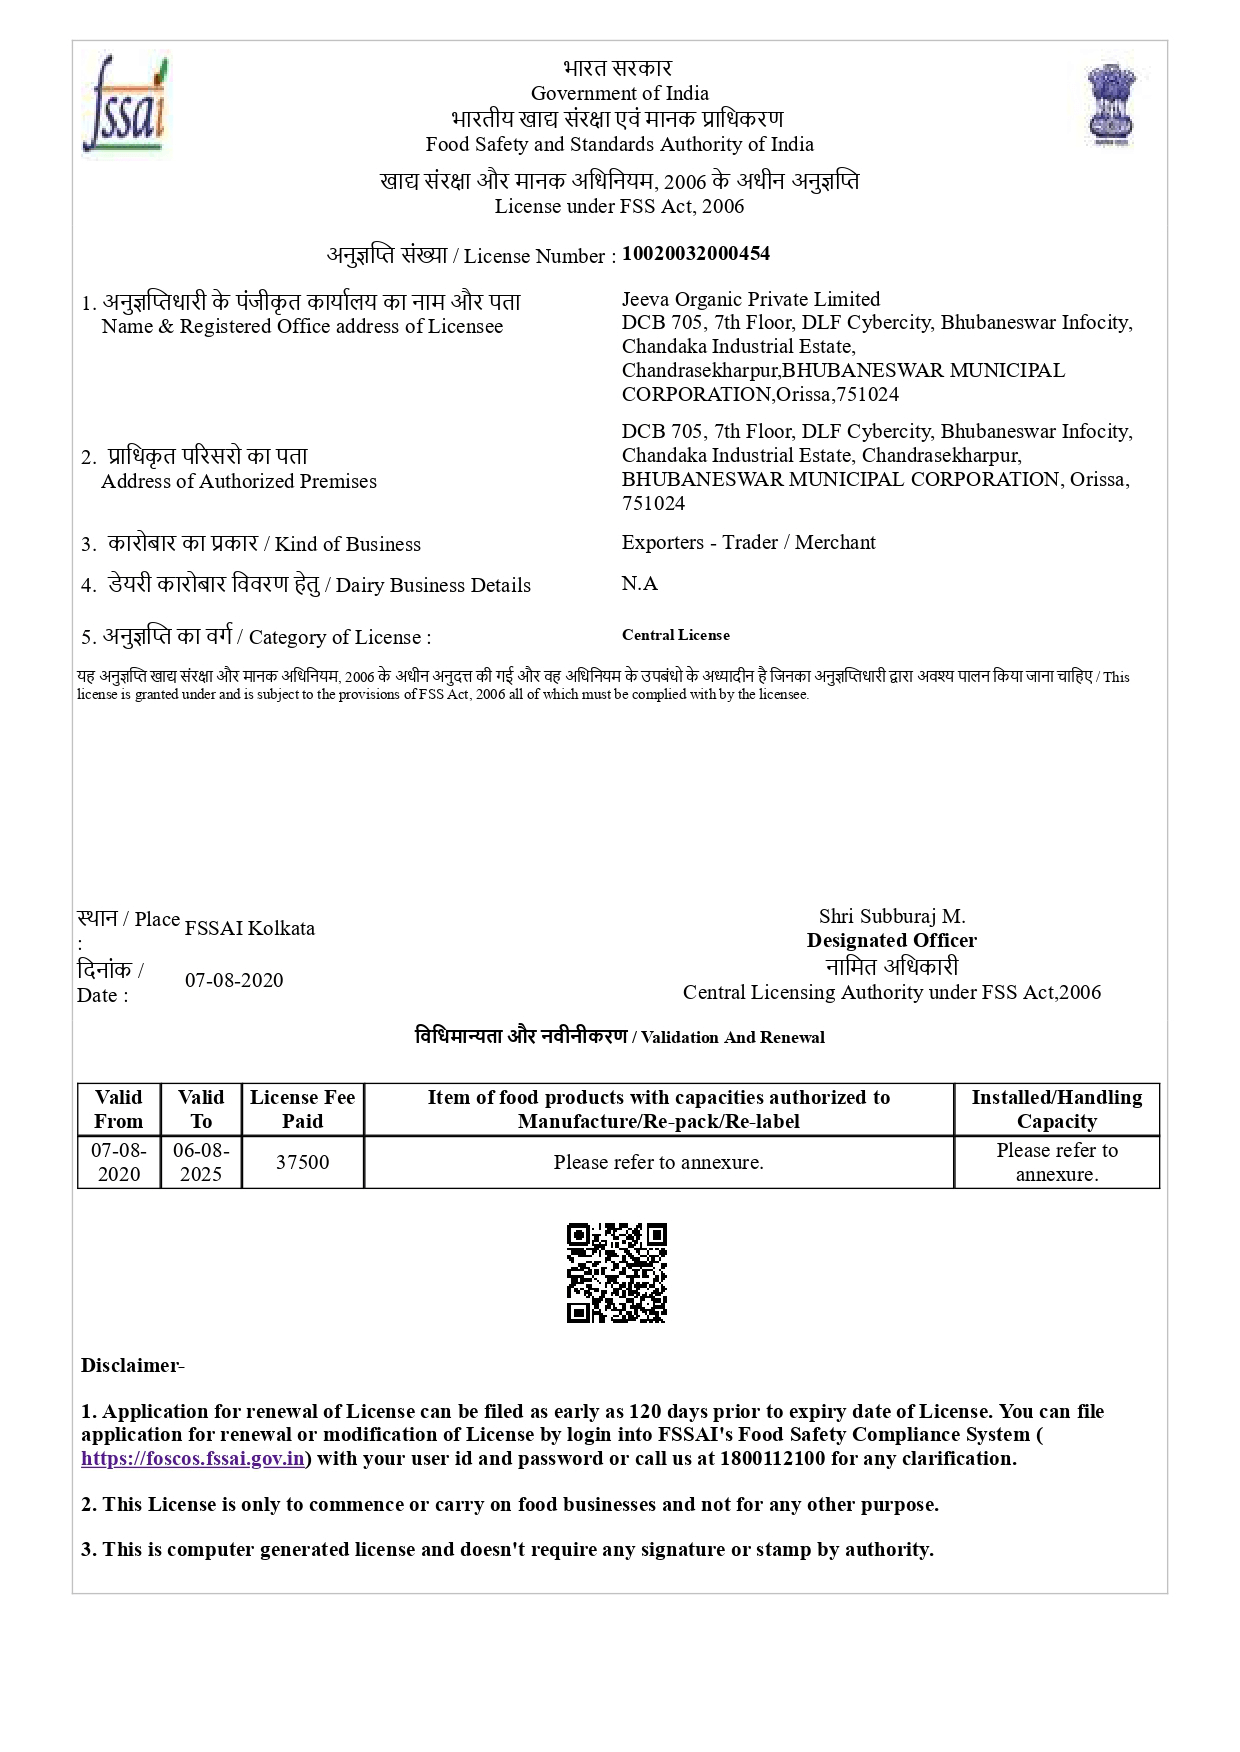 FSSAI Certificate Jeeva Organic